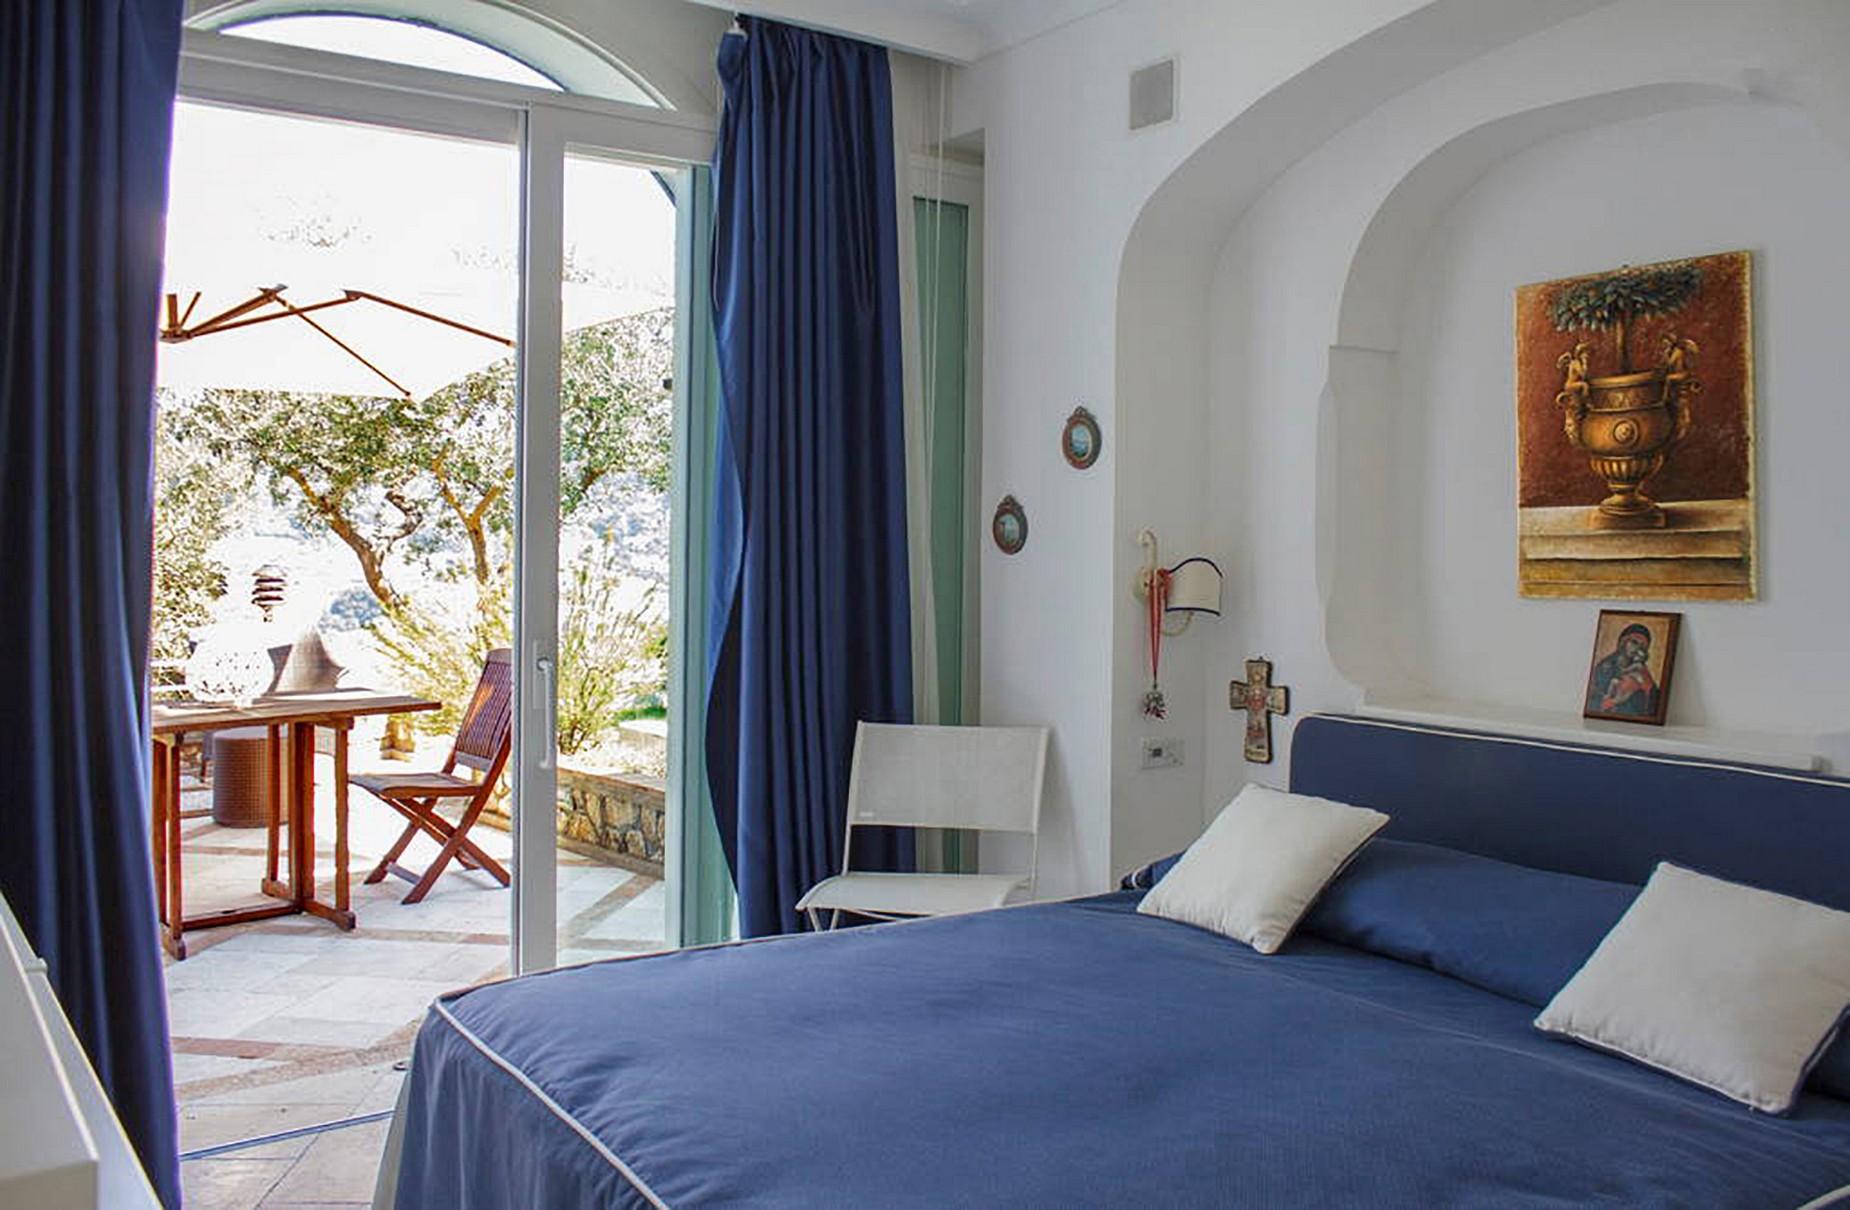 Villa in Vendita a Capri: 5 locali, 150 mq - Foto 12